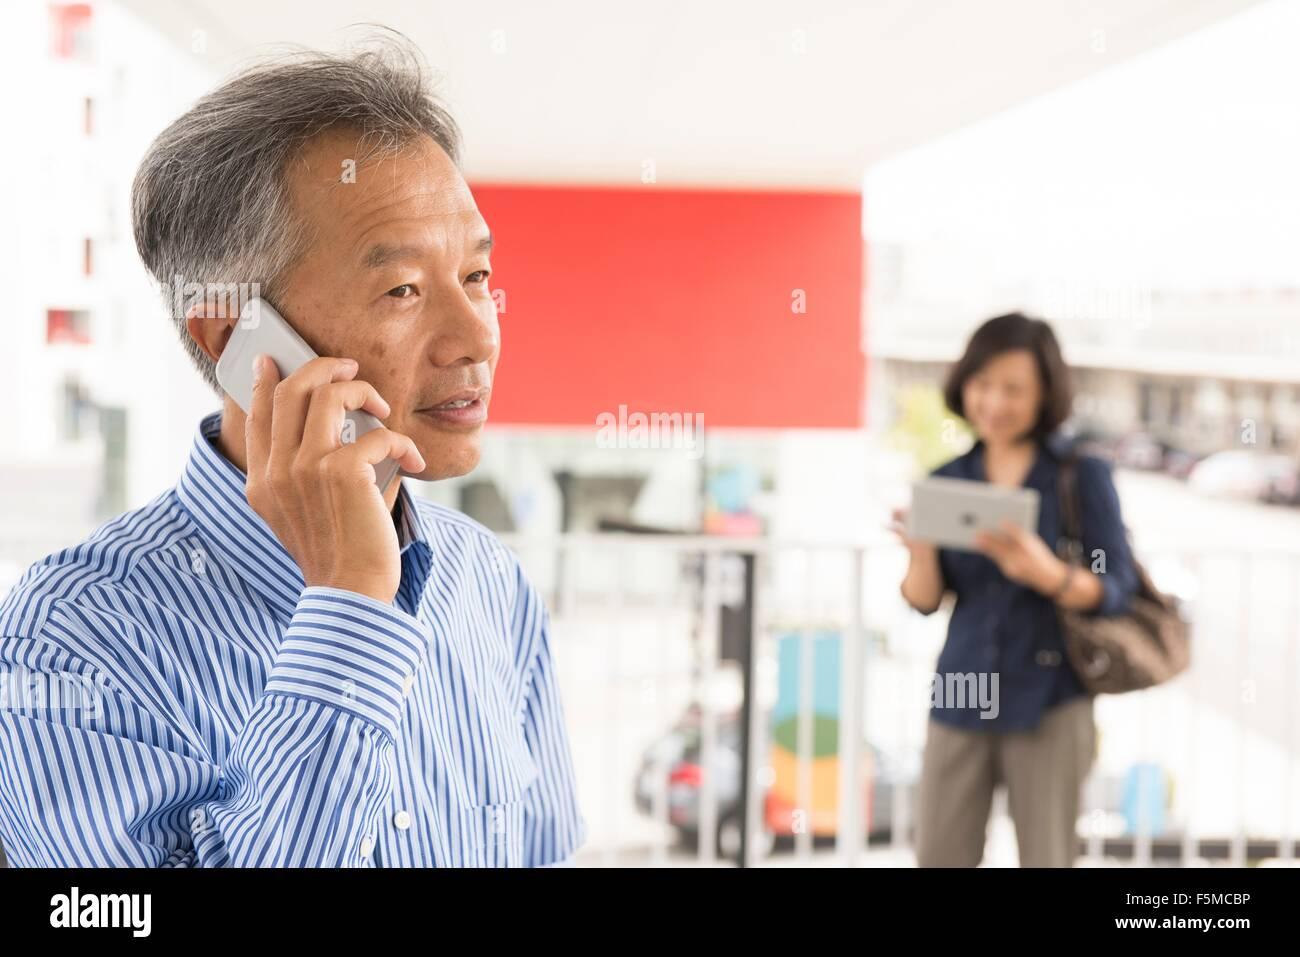 Testa e spalle dell uomo maturo parlando sullo smartphone che guarda lontano Immagini Stock